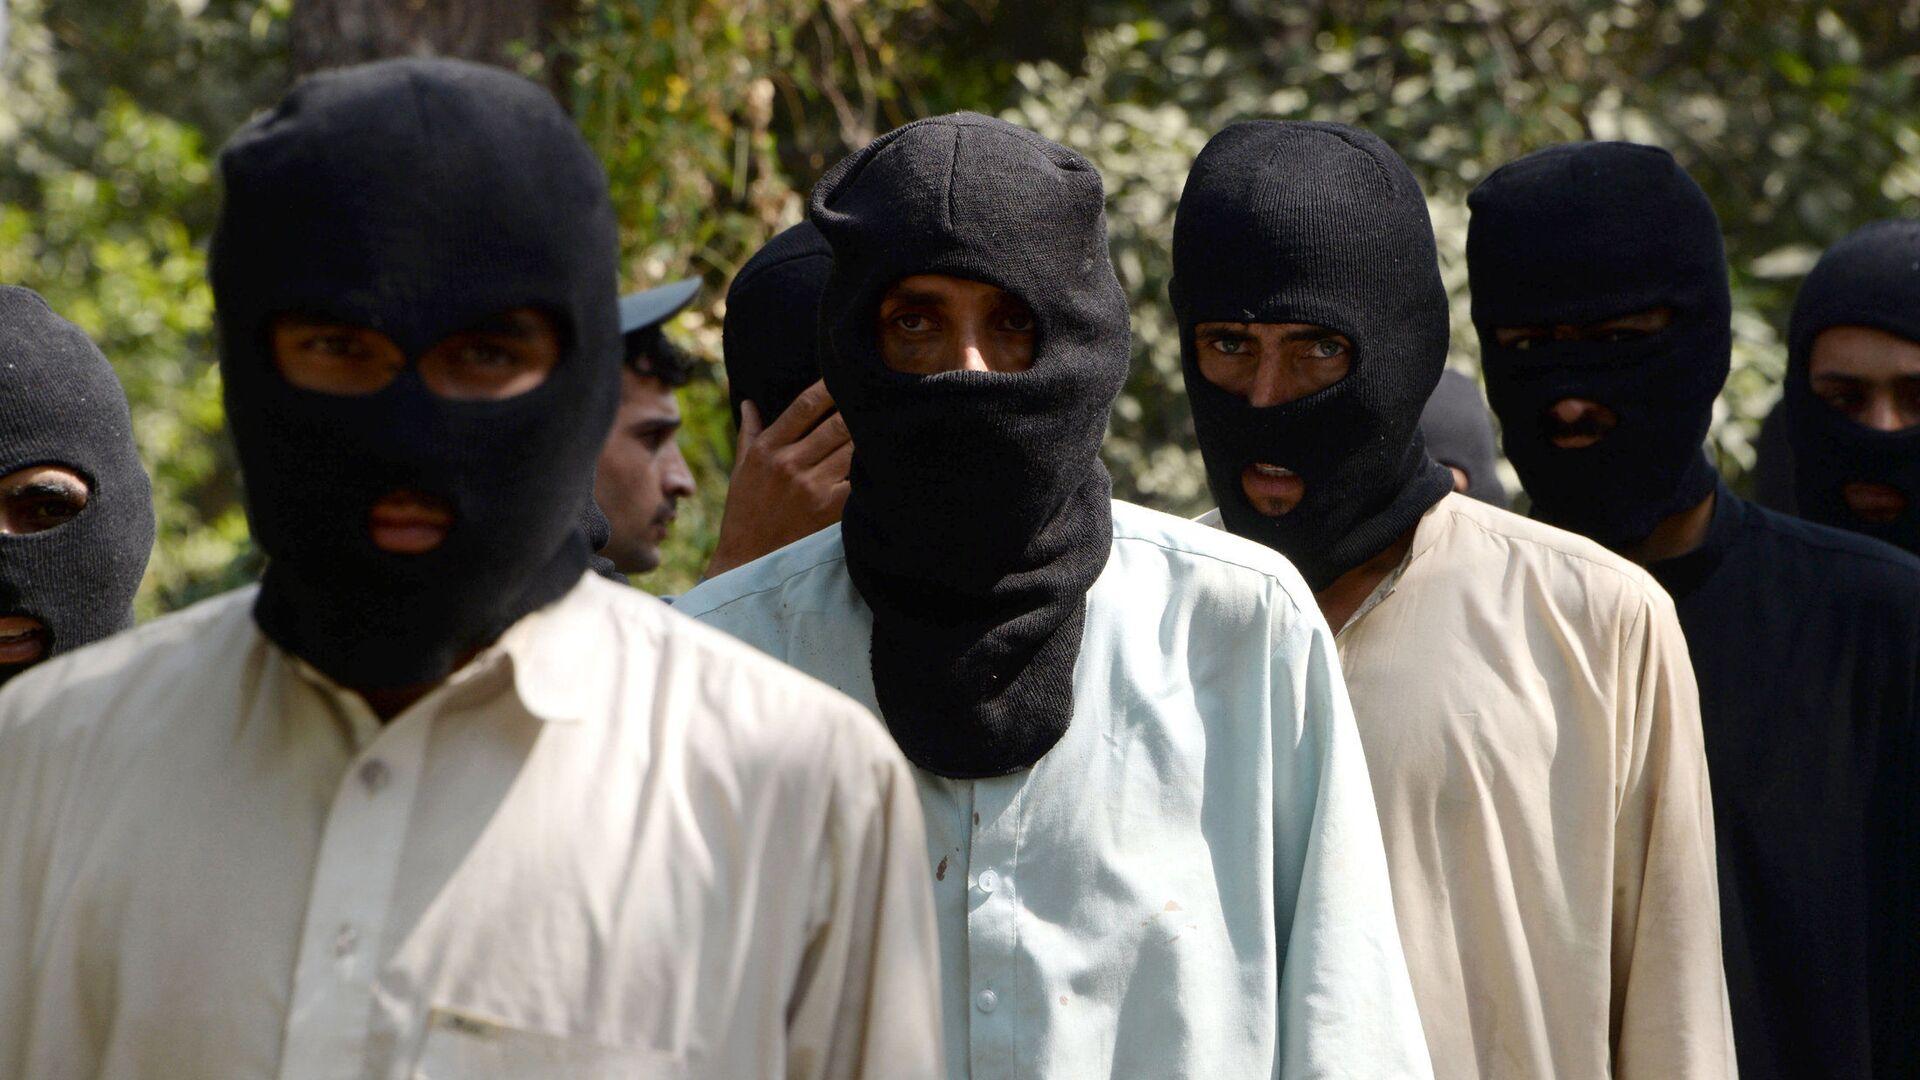 Боевики ИГ (террористическая организация, запрещена в РФ) и движения Талибан в полицейском отделении в Афганистане - Sputnik Узбекистан, 1920, 10.10.2021